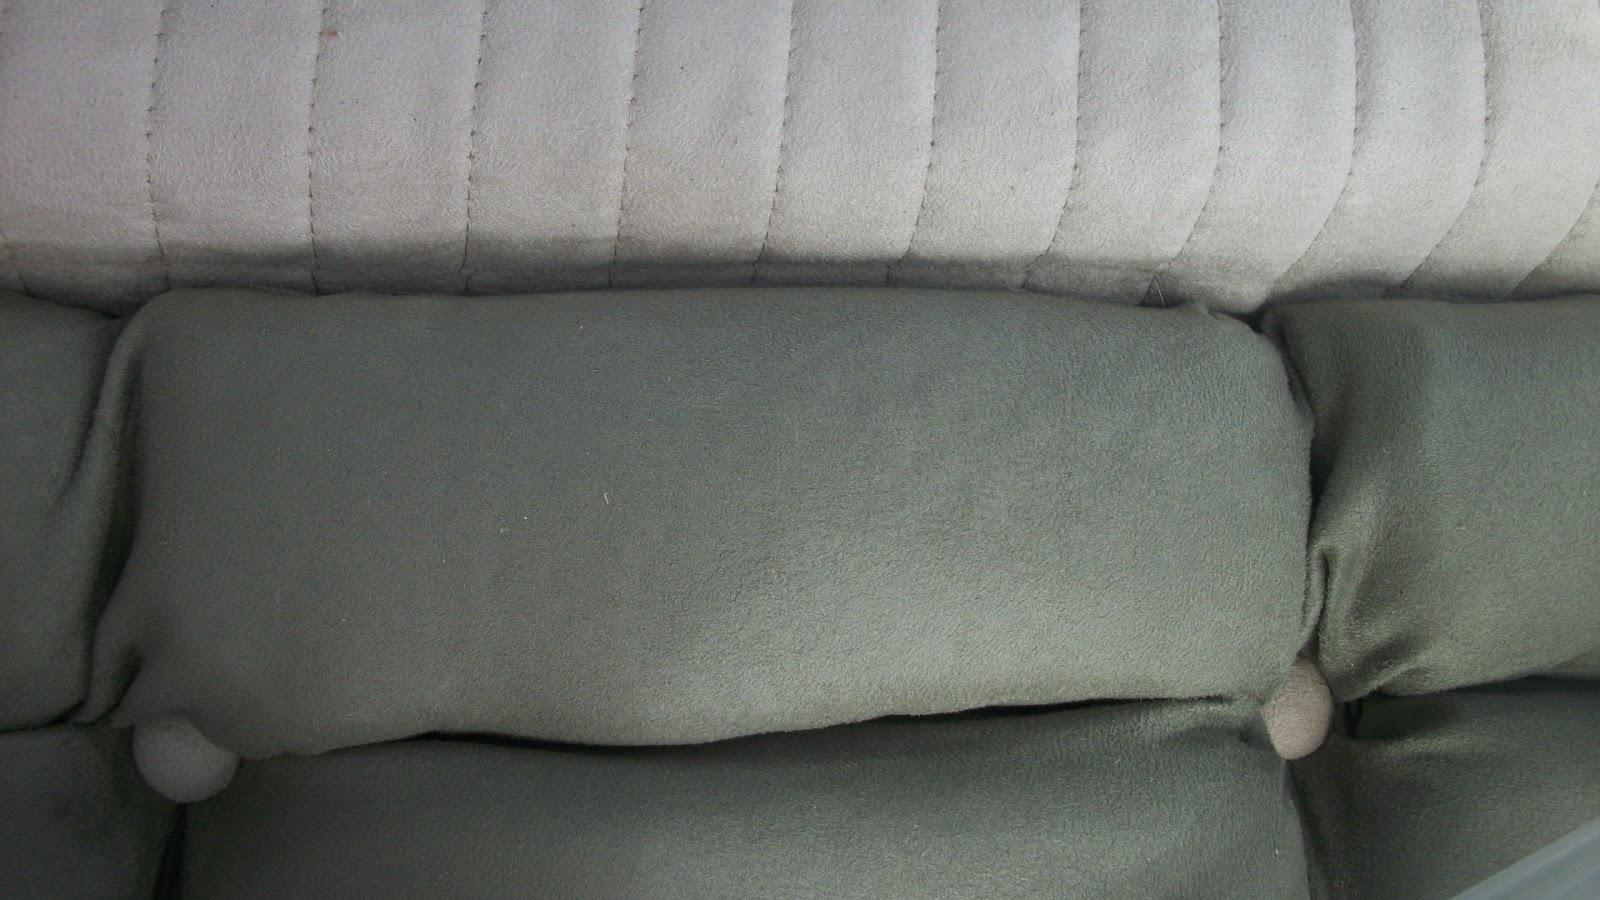 loja de fabrica sofa e colchoes porangaba furniture sofas dublin colchões box sofás recamier cabesseiras